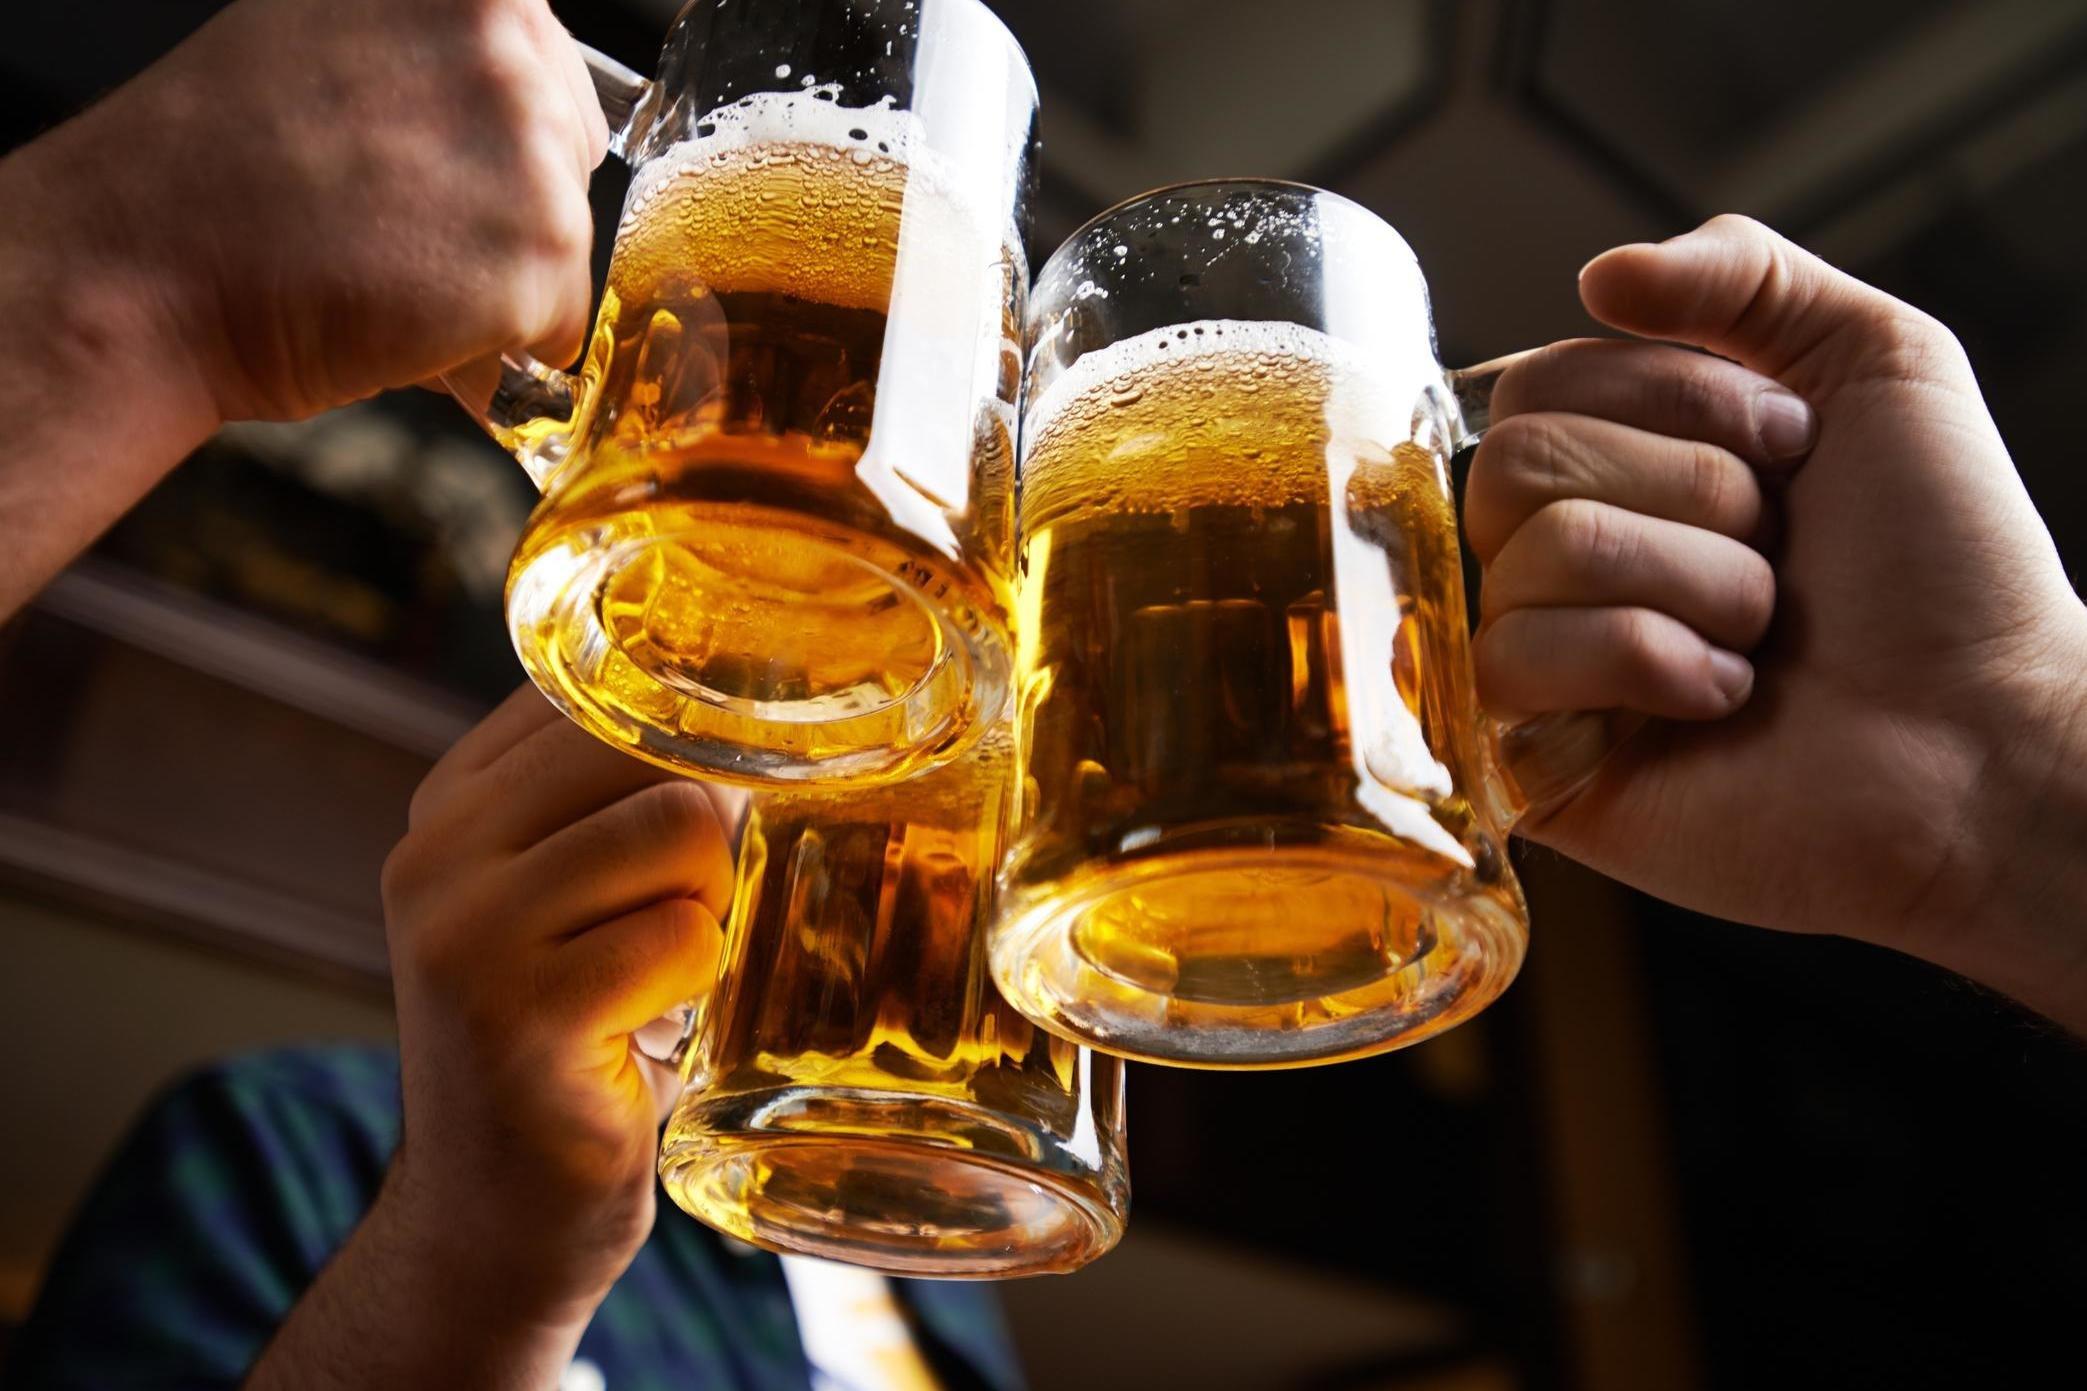 В Минздраве рассказали, сколько алкоголя в день можно выпивать (+)